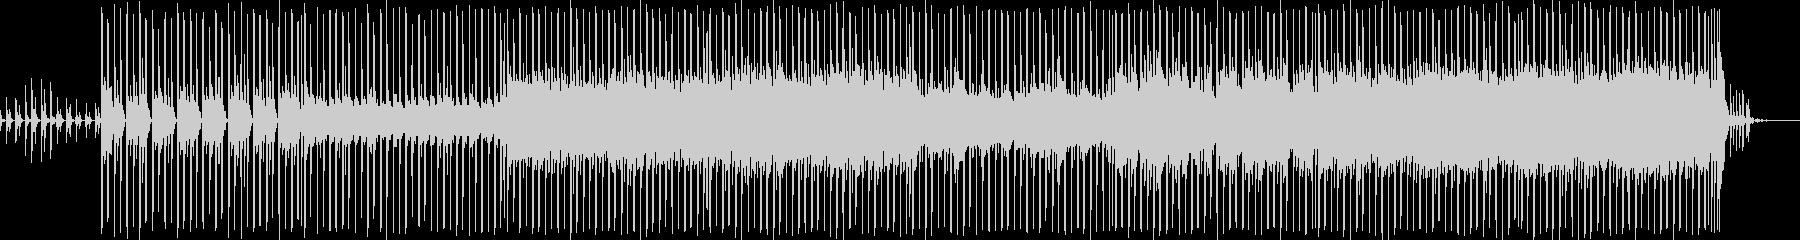 ほのぼのアップテンポな明るいポップの未再生の波形